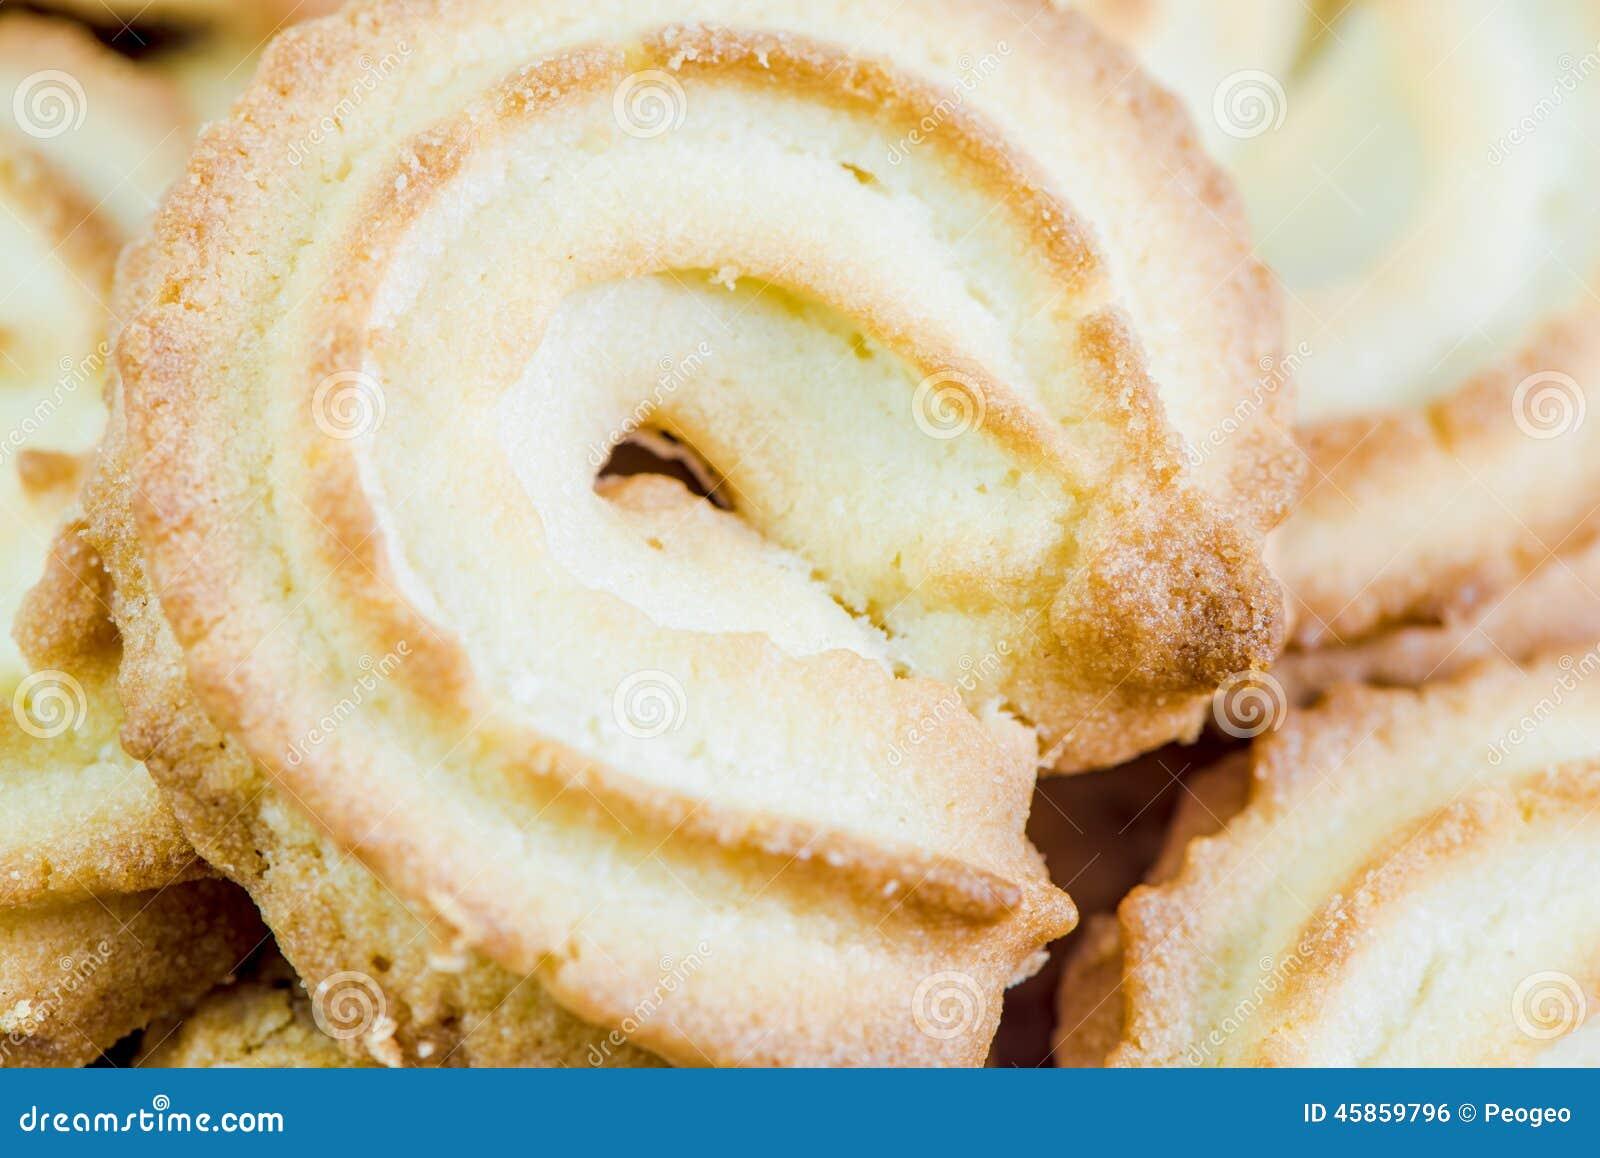 Biscuits de beurre danois macro